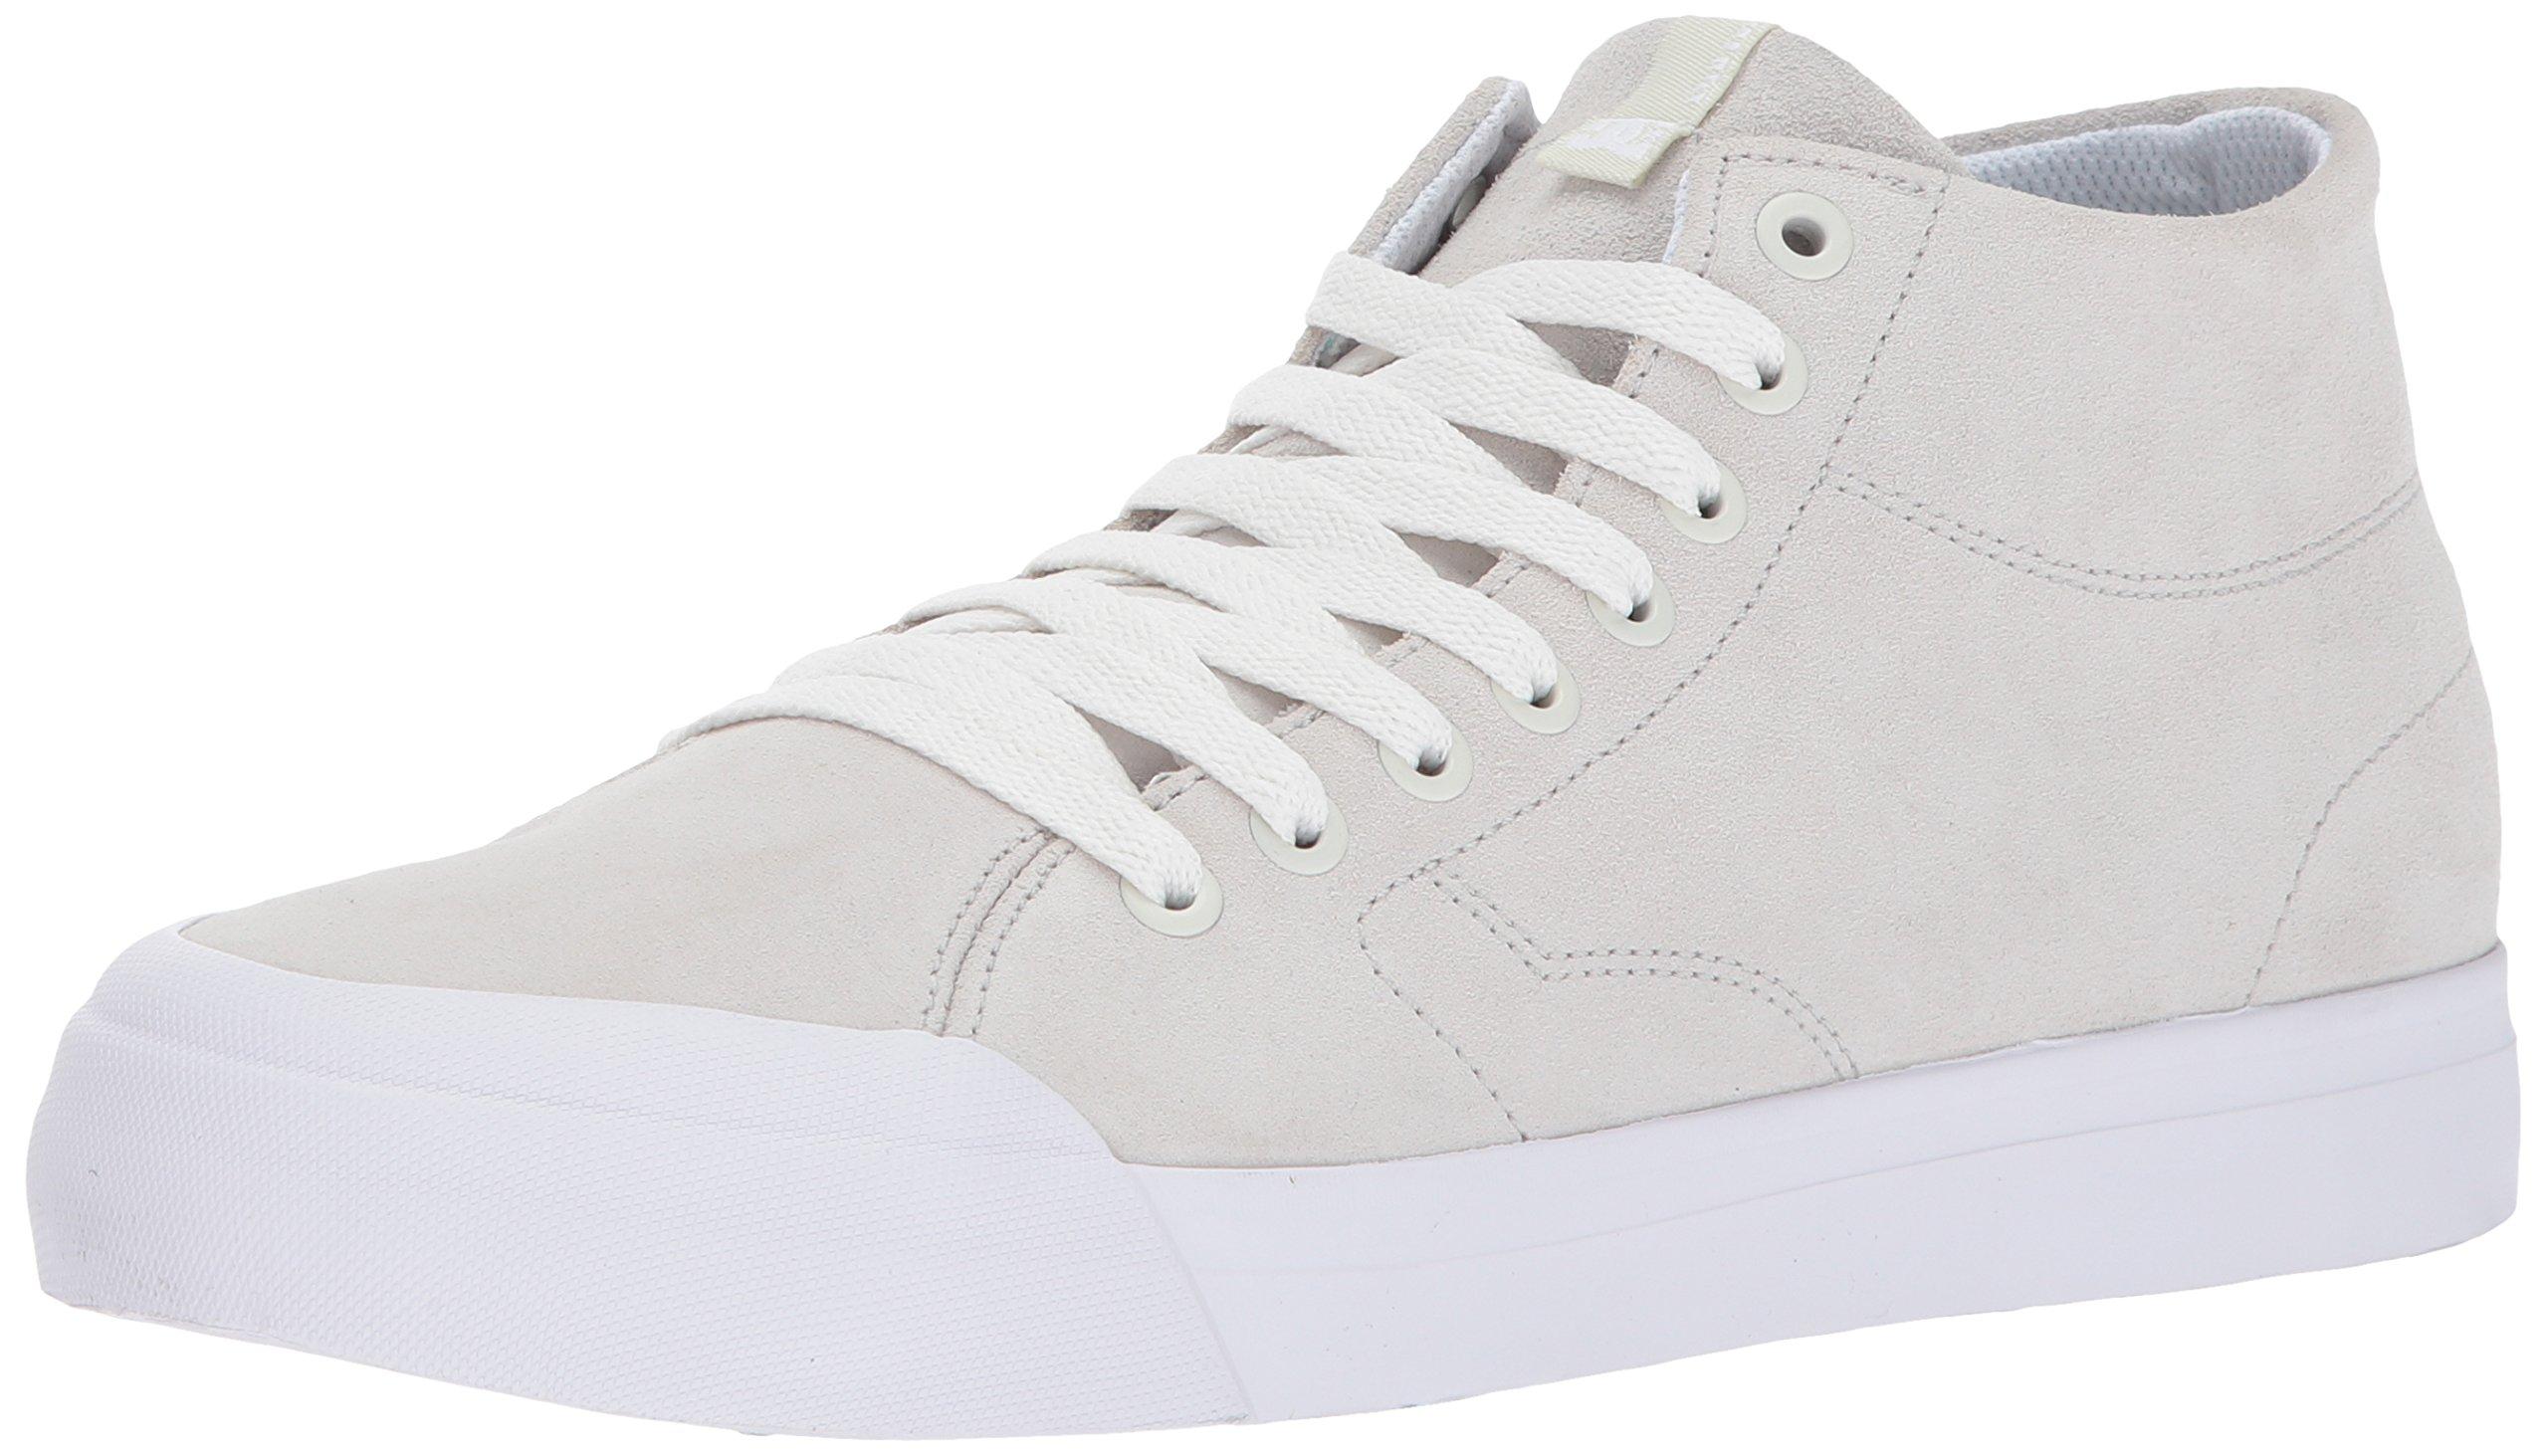 Evan Smith HI Zero Skate Shoe, White